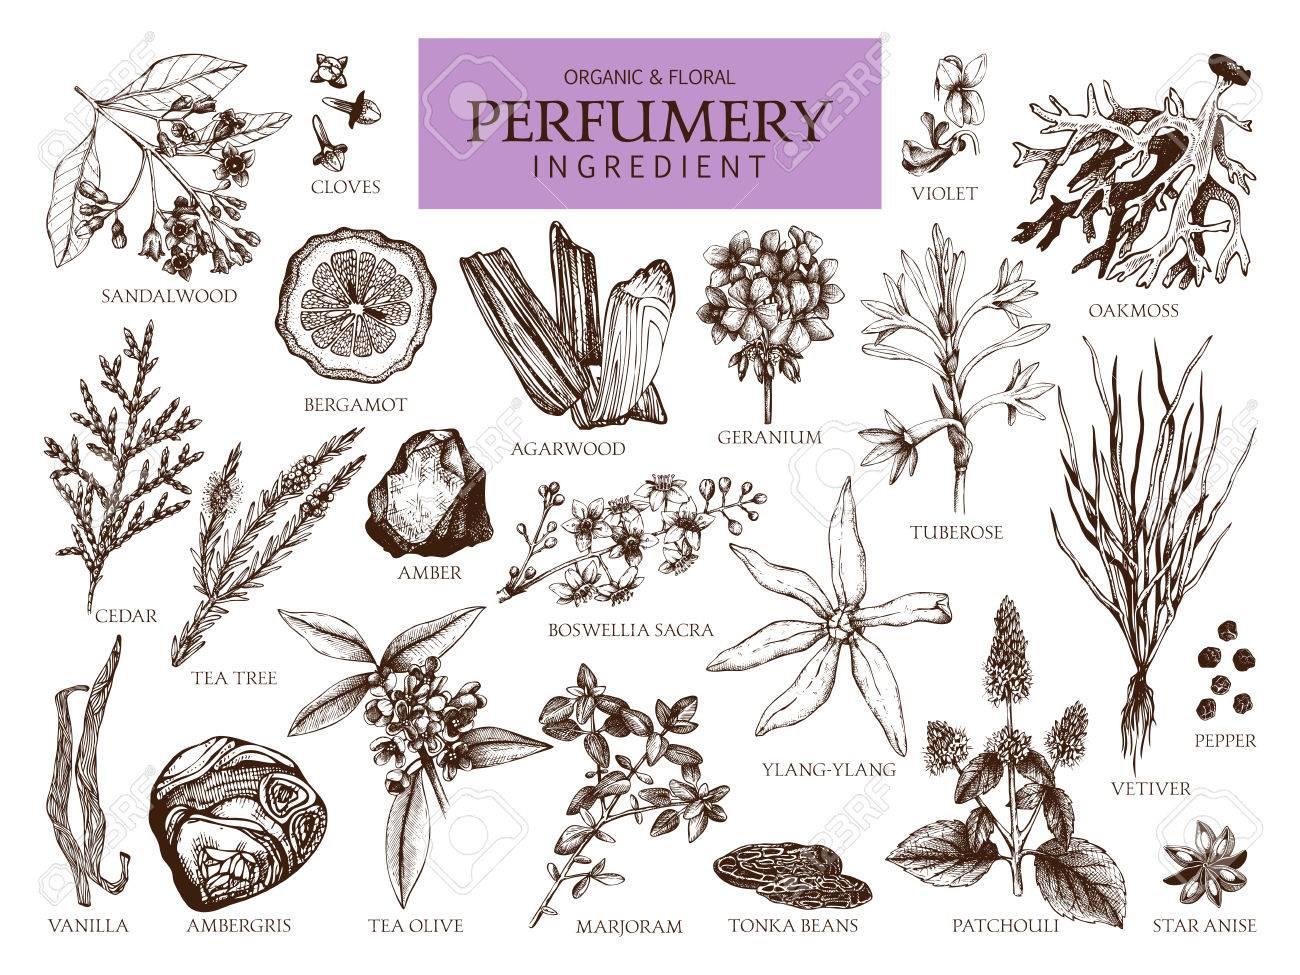 Vintage perfumery and cosmetics illustrations set - 77035366